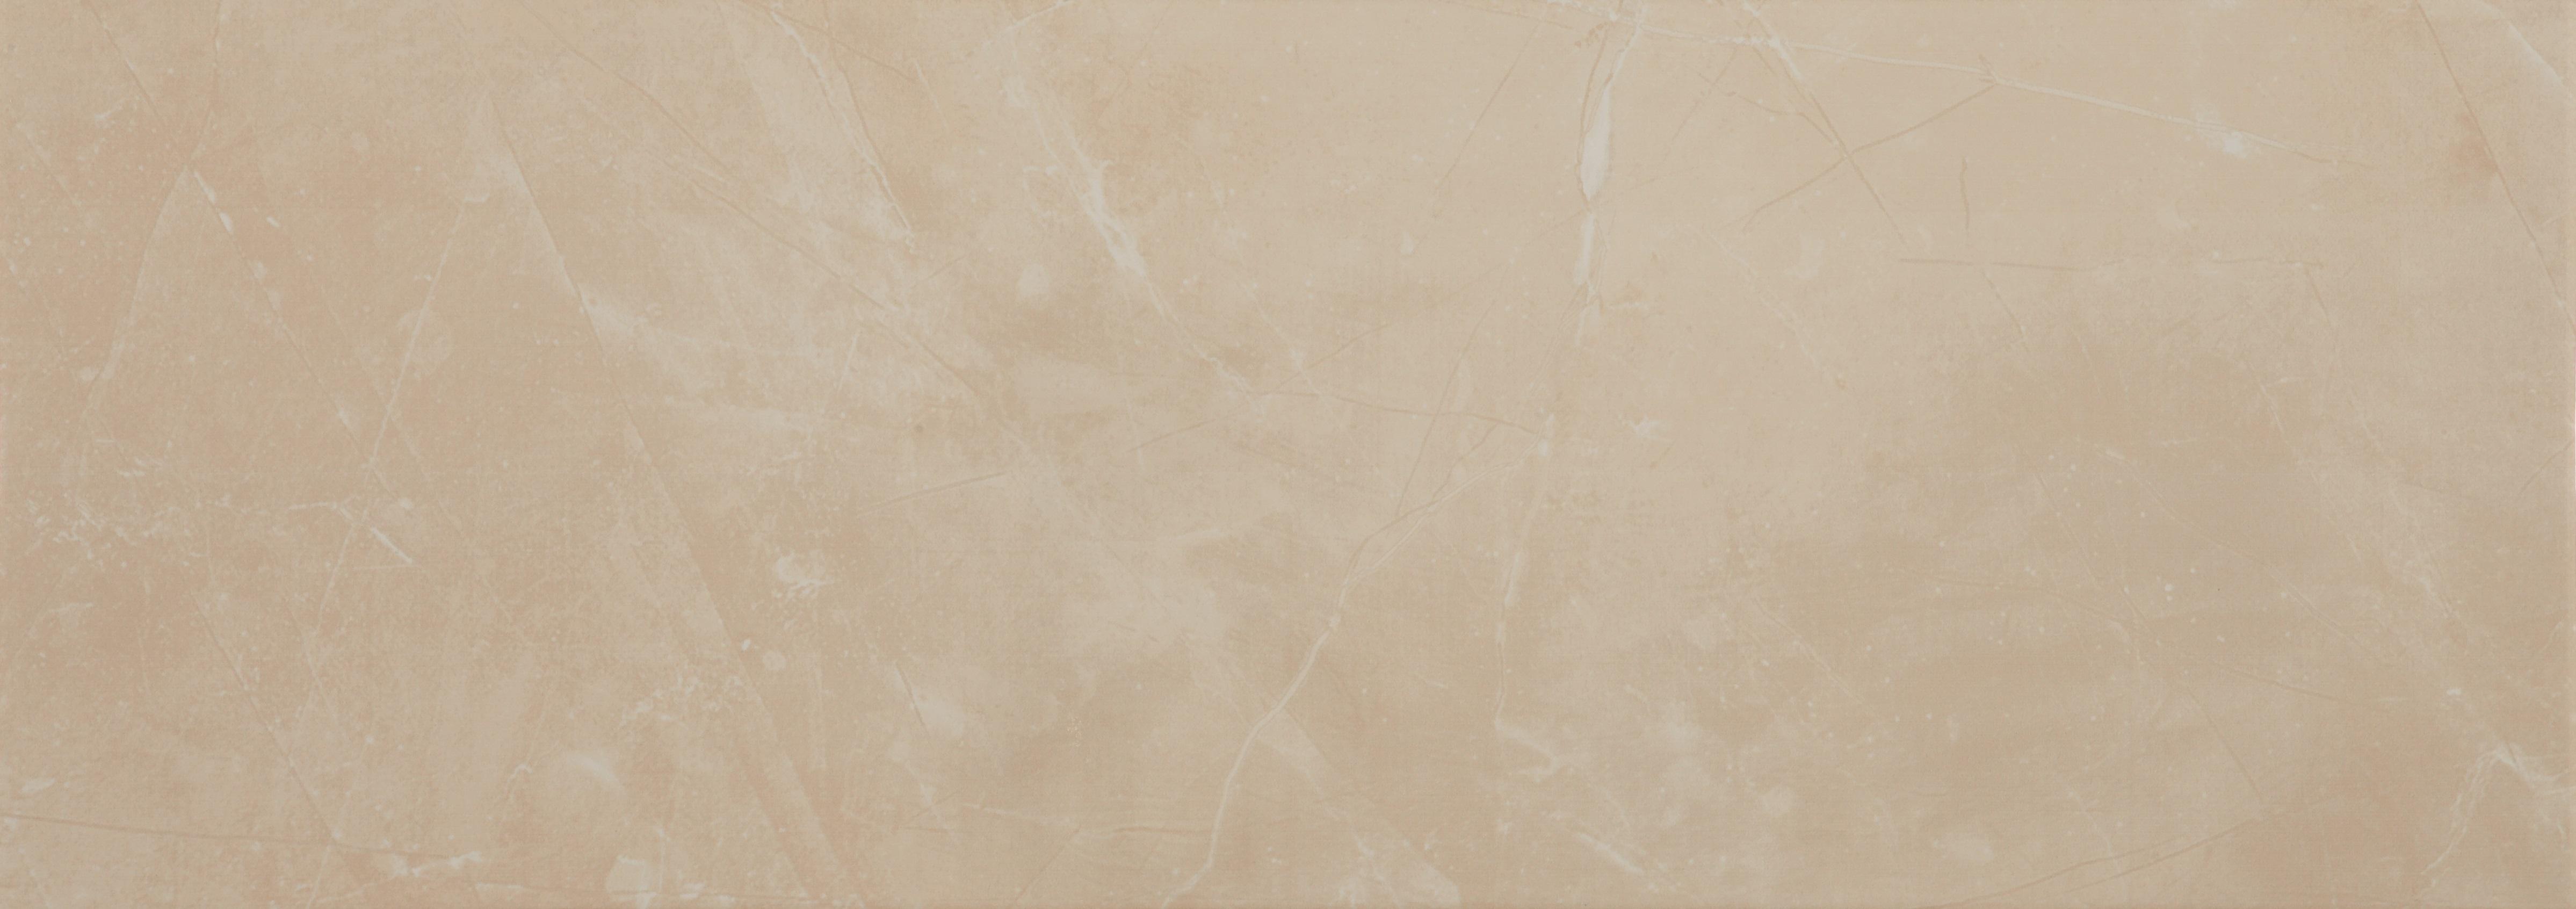 08a Venezia clasico crema 25x70 - Hansas Plaadimaailm